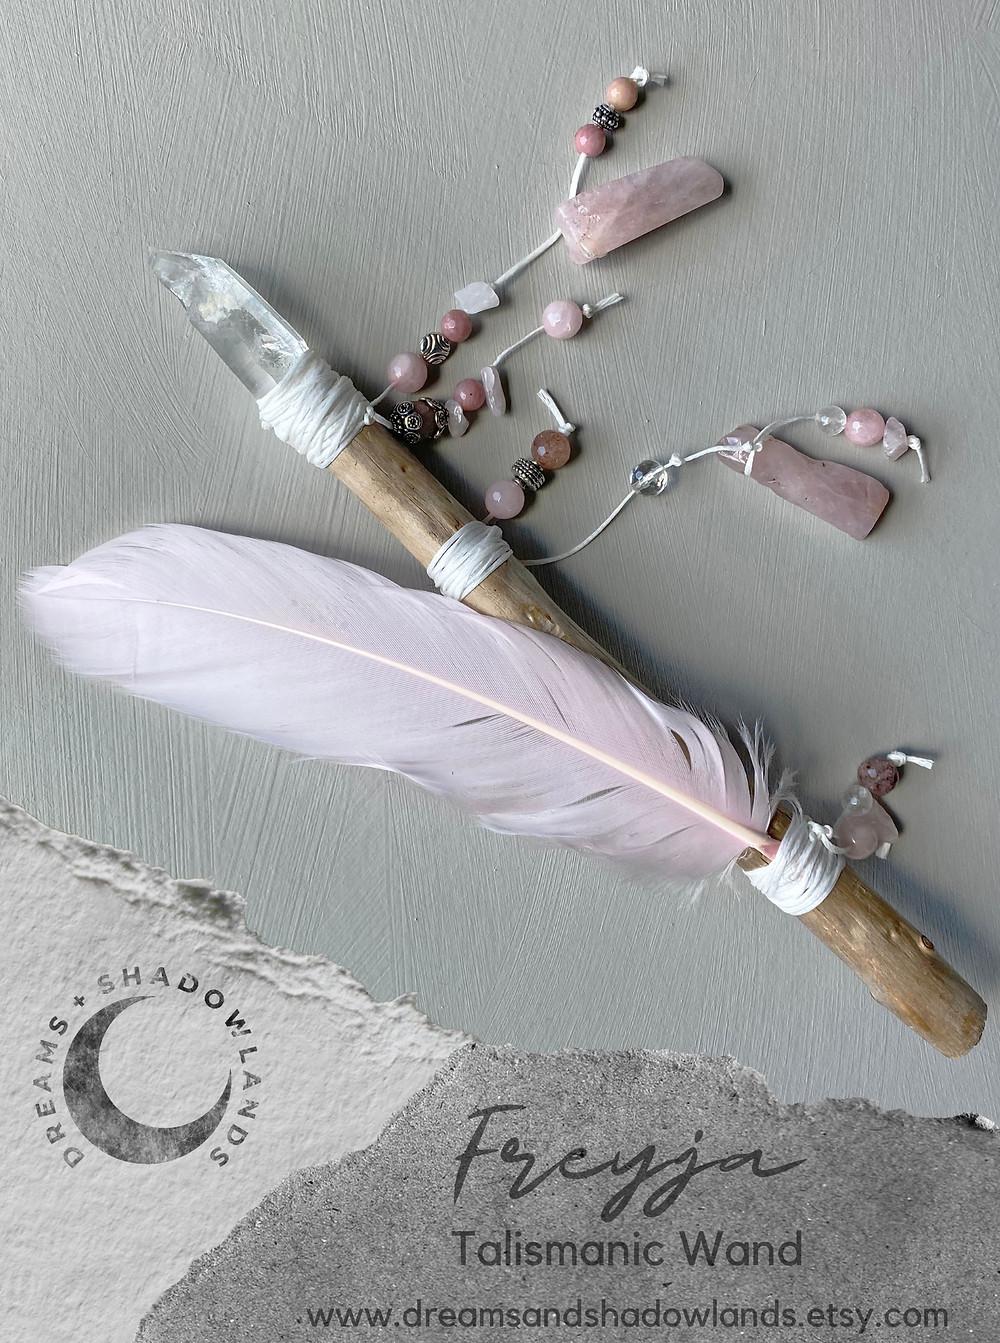 talismanic wand